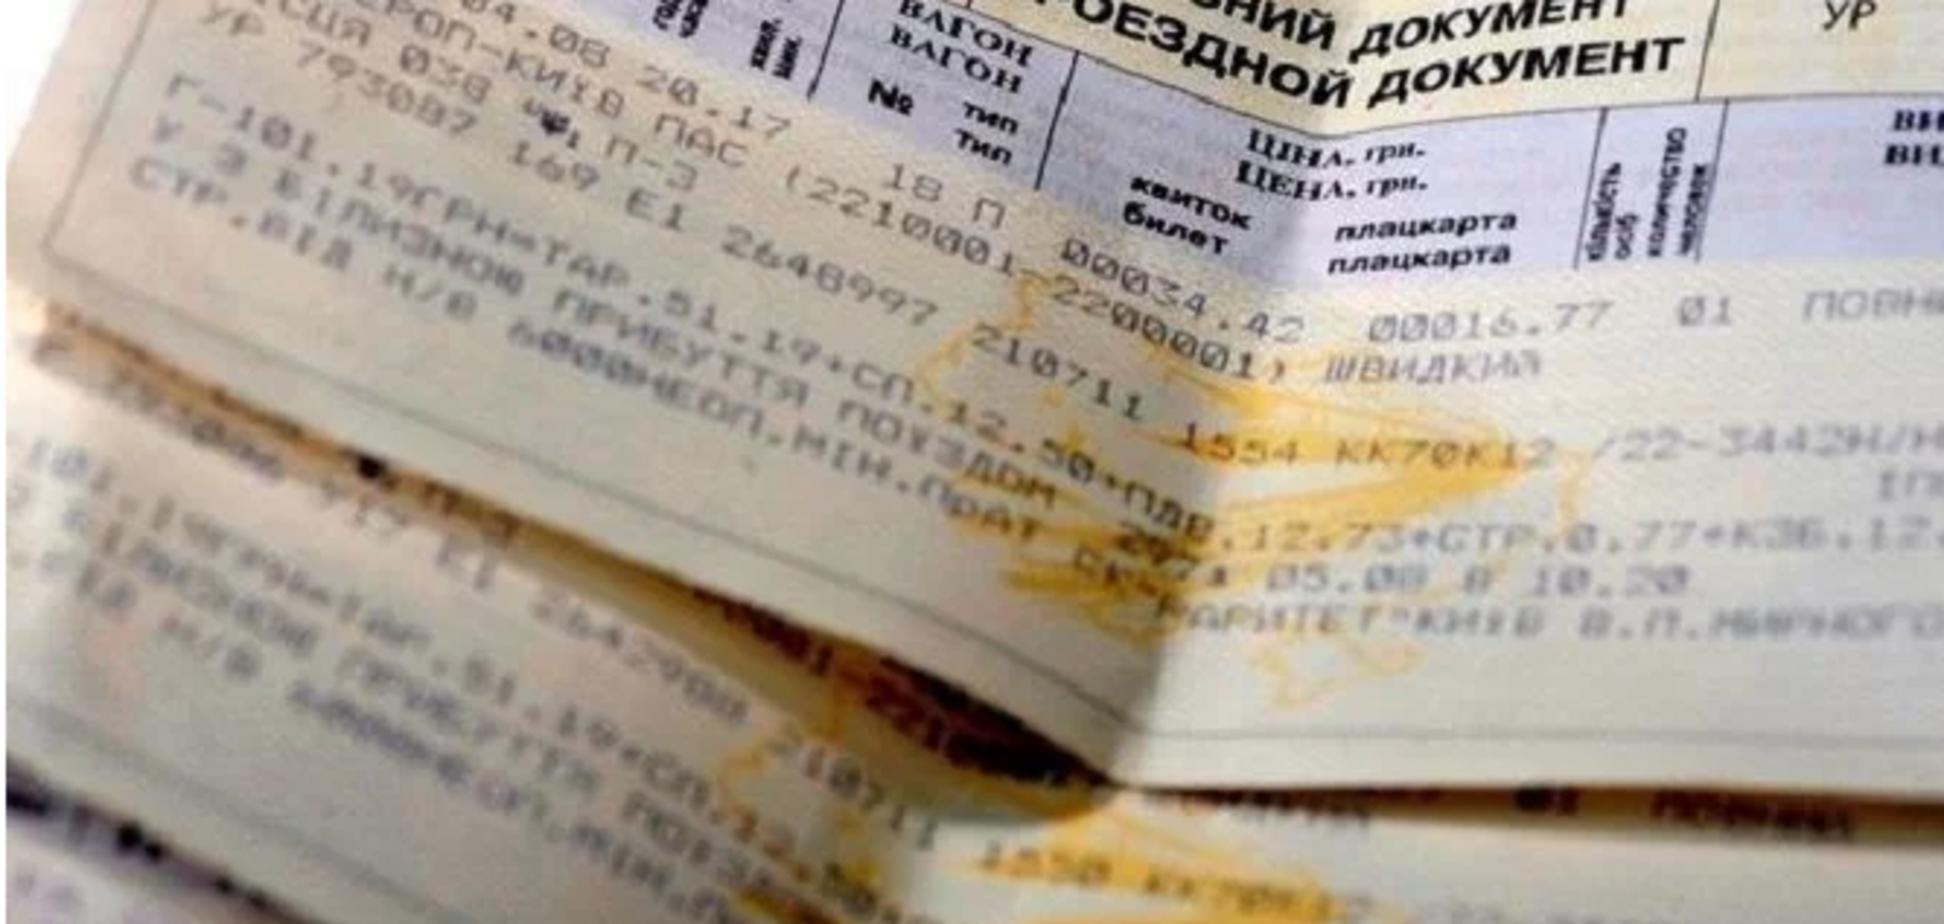 Из-за русского языка: в ''Укрзалізниці'' заговорили о новом дизайне билетов